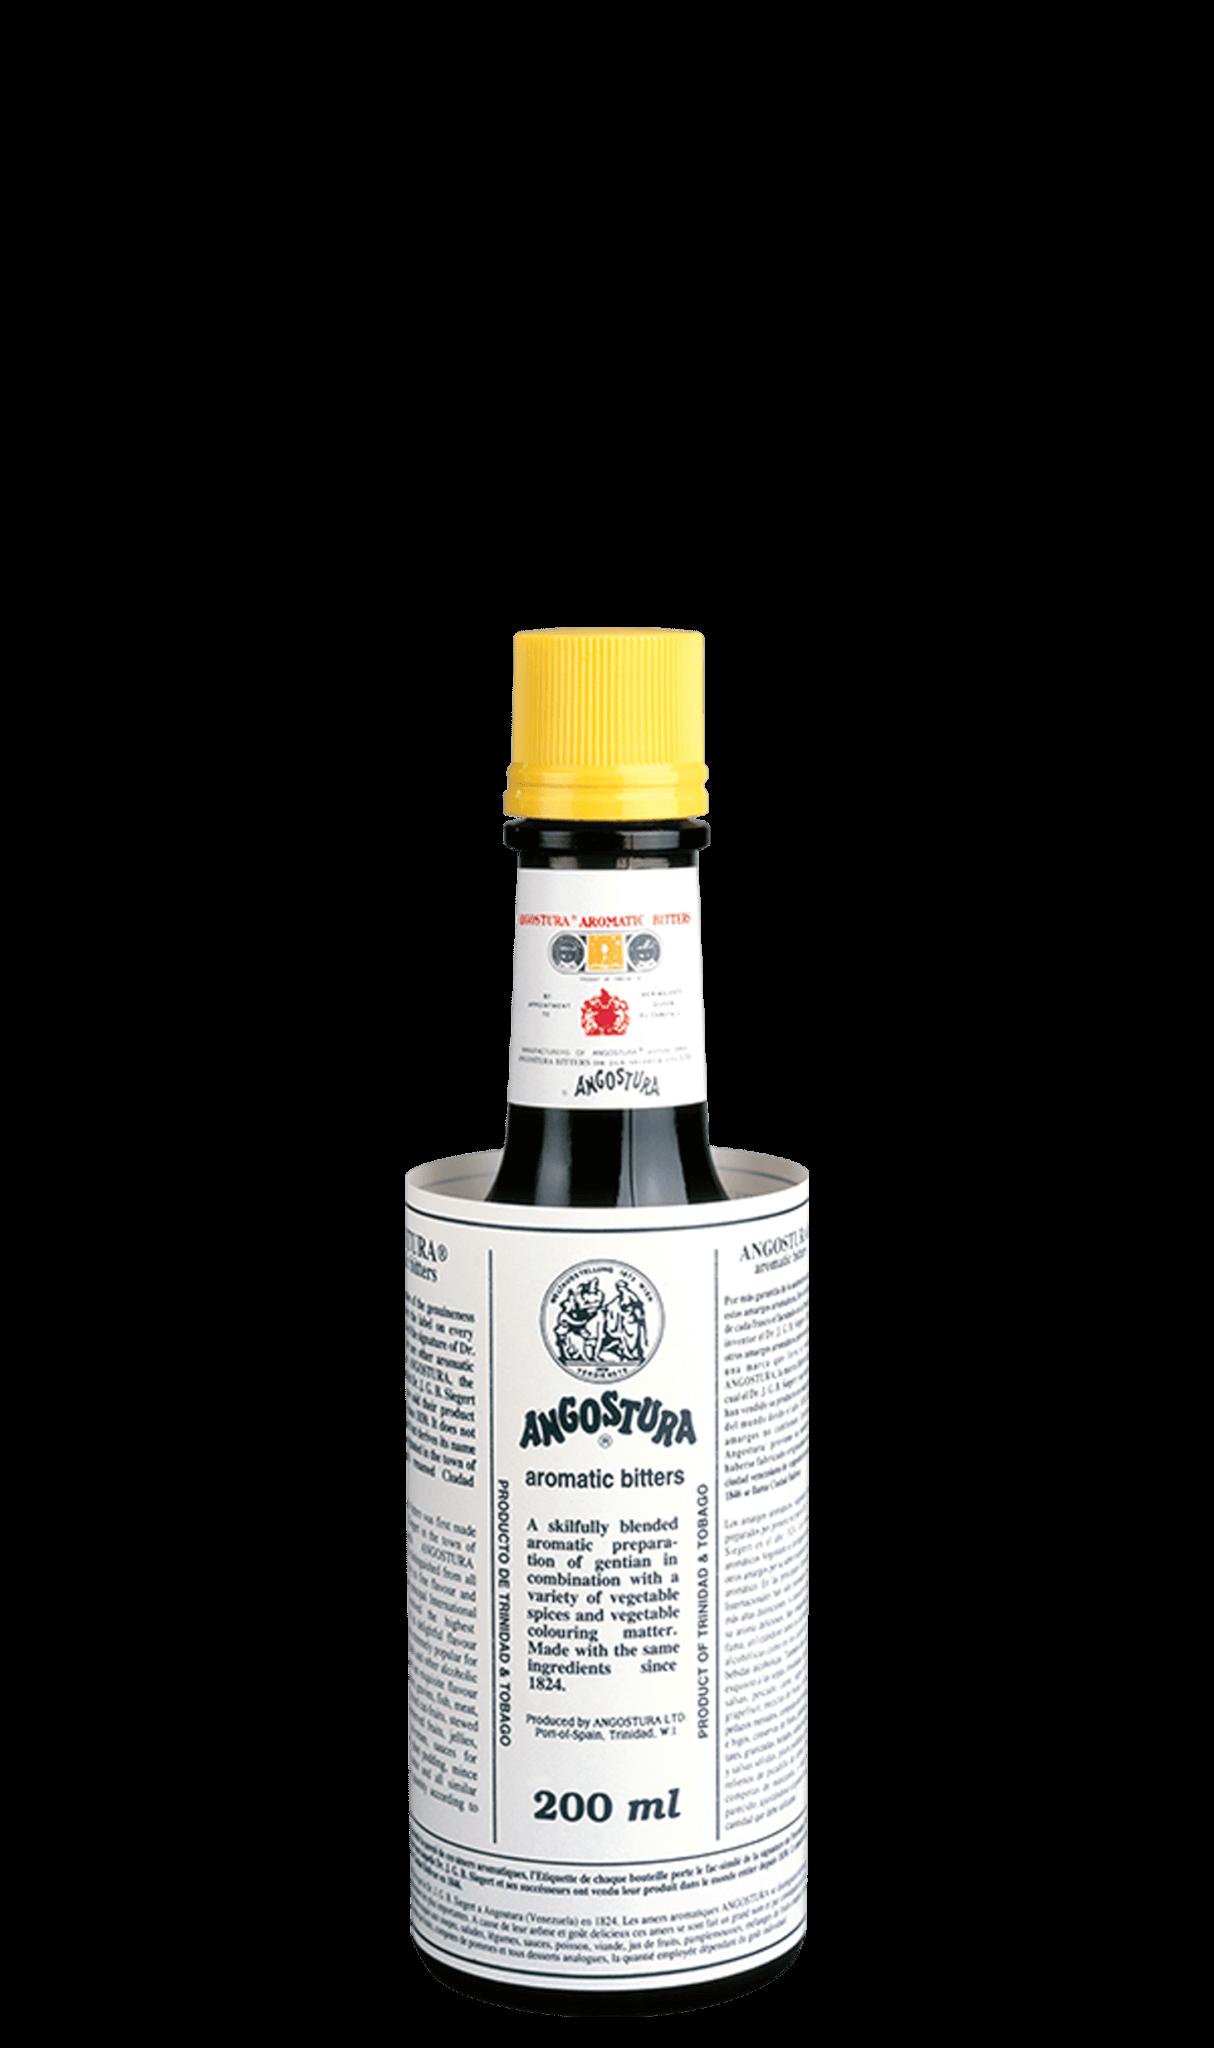 Angostura-Aromatic-Bitters